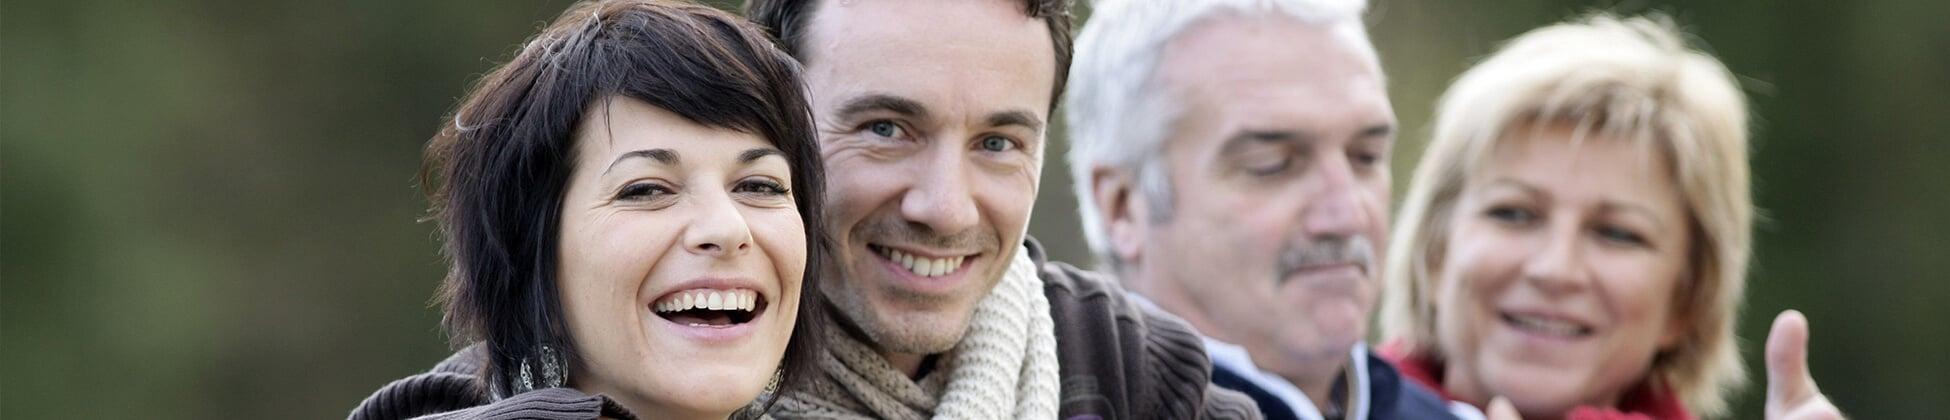 rencontre gay paris 9 à Saint-Ouen-sur-Seine